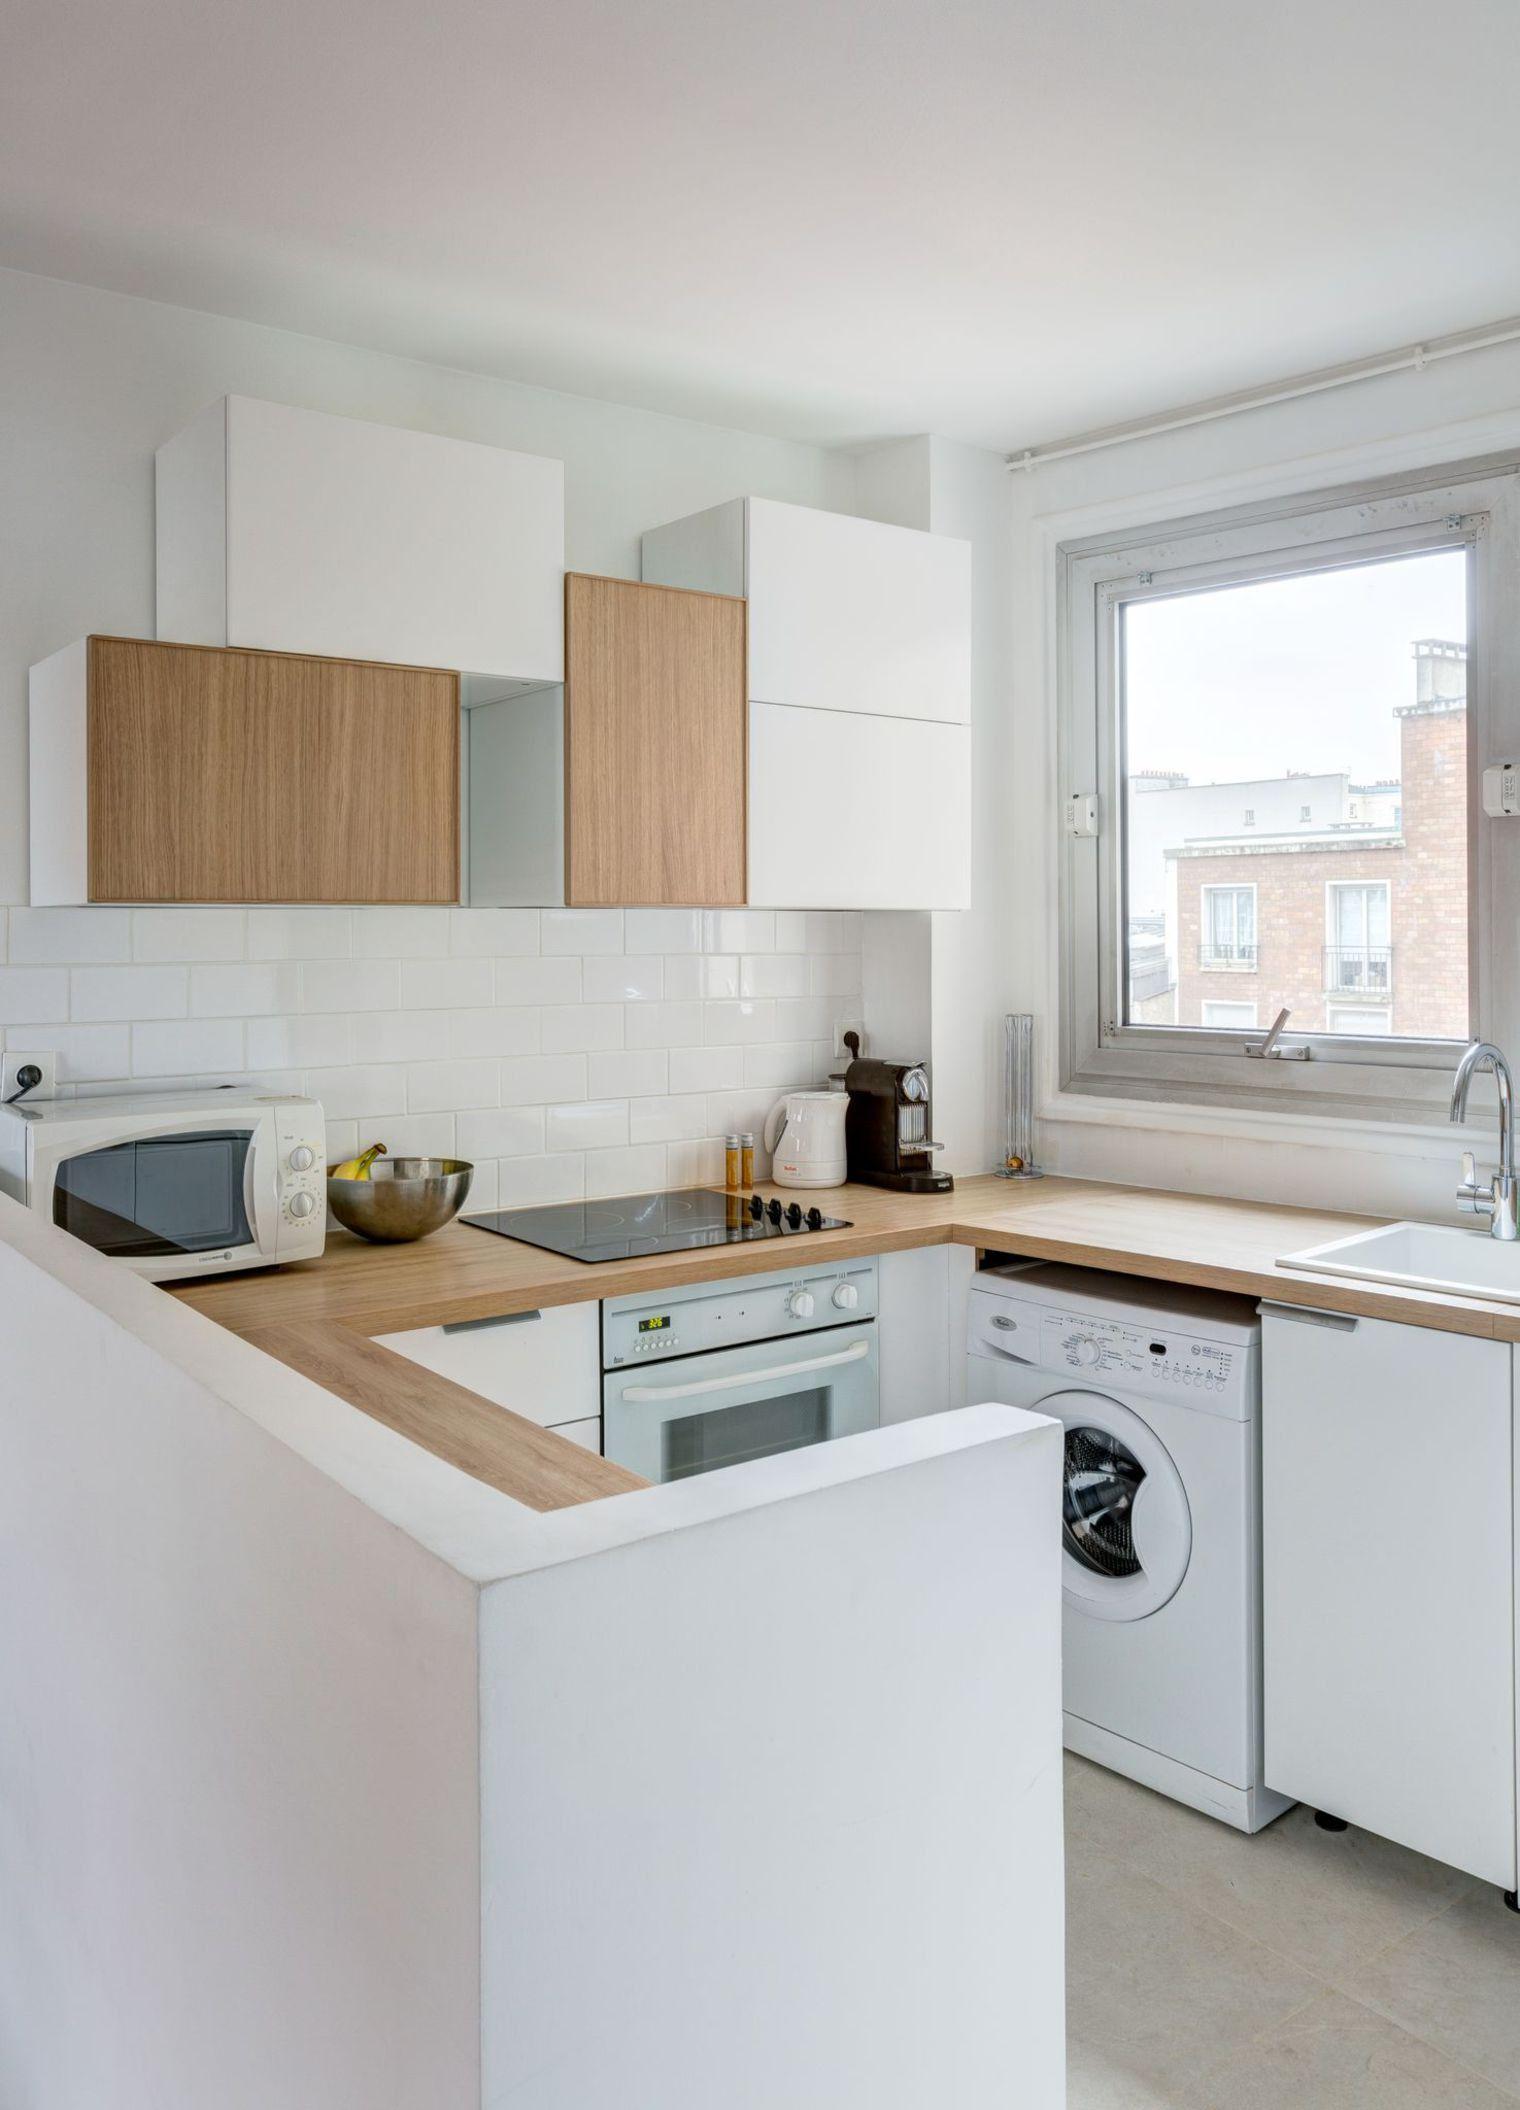 une cuisine en u c est pratique en 2018 id es pour la maison petite cuisine cuisine. Black Bedroom Furniture Sets. Home Design Ideas